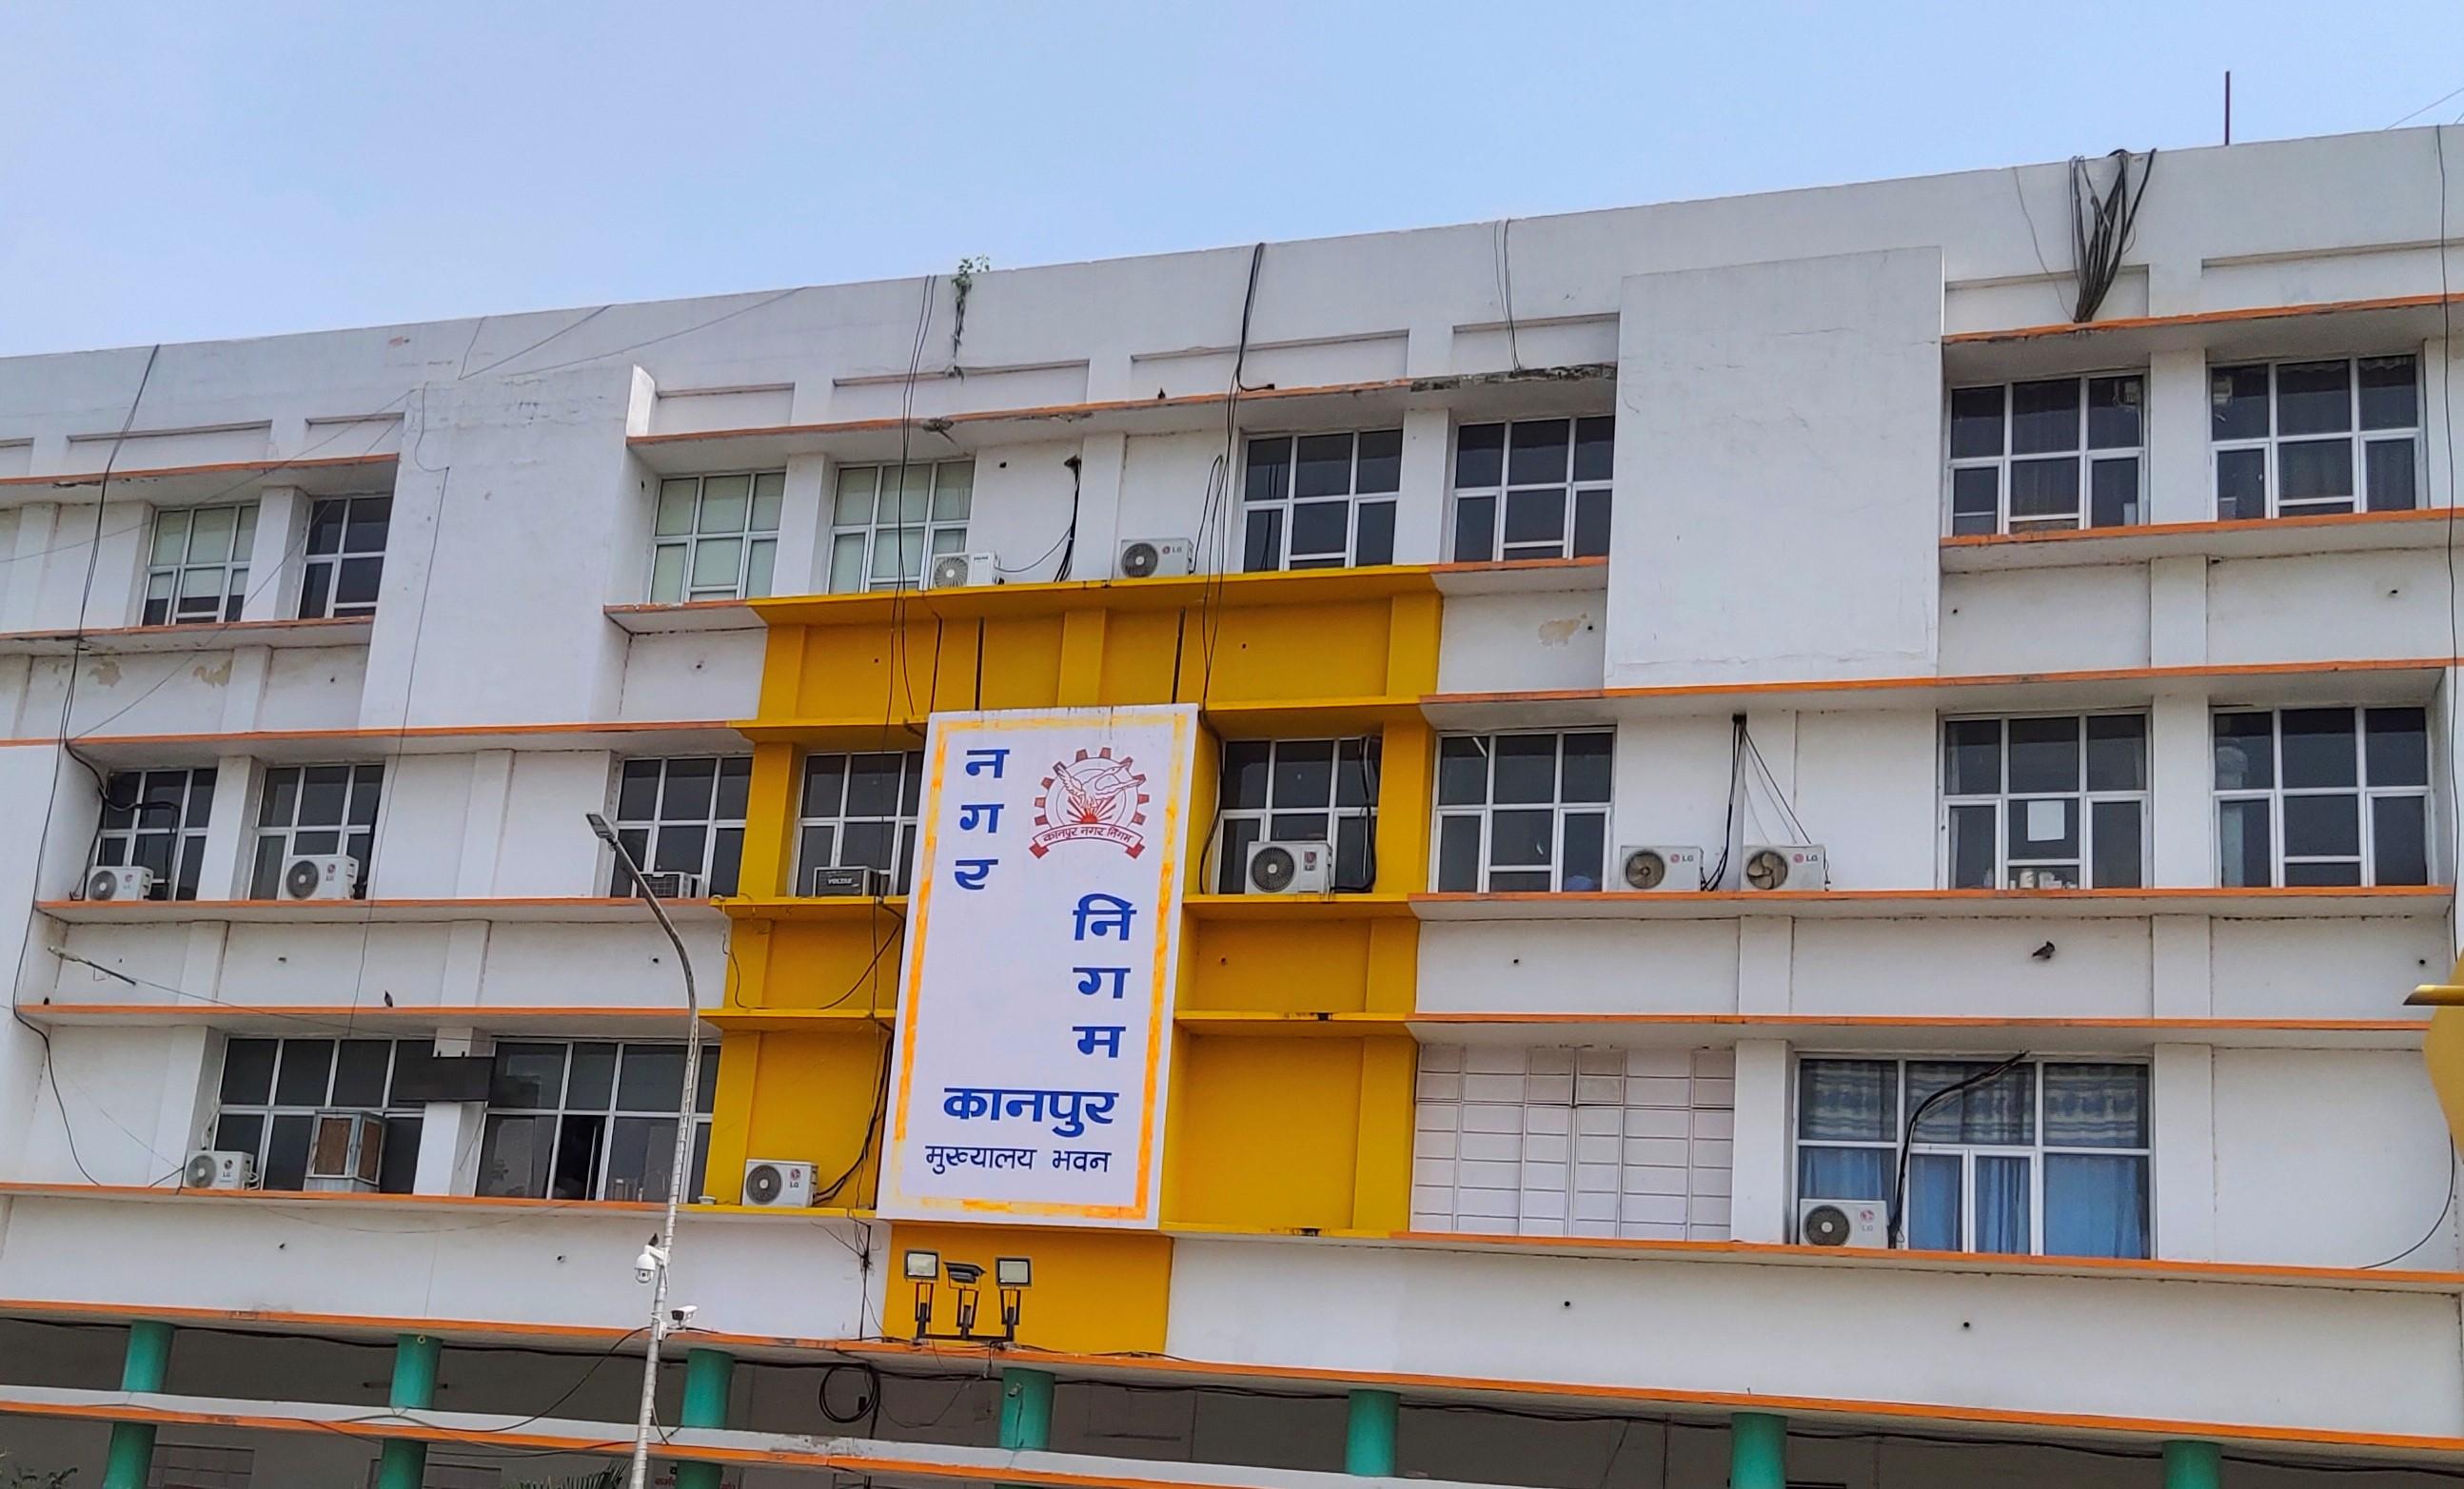 एक ही काम के करा डाले 3 टेंडर, चेहते ठेकेदारों को काम दिलाने के लिए नहीं कराते हैं ई-टेंडरिंग, ऑडिट में पकड़ा गया खेल|कानपुर,Kanpur - Dainik Bhaskar